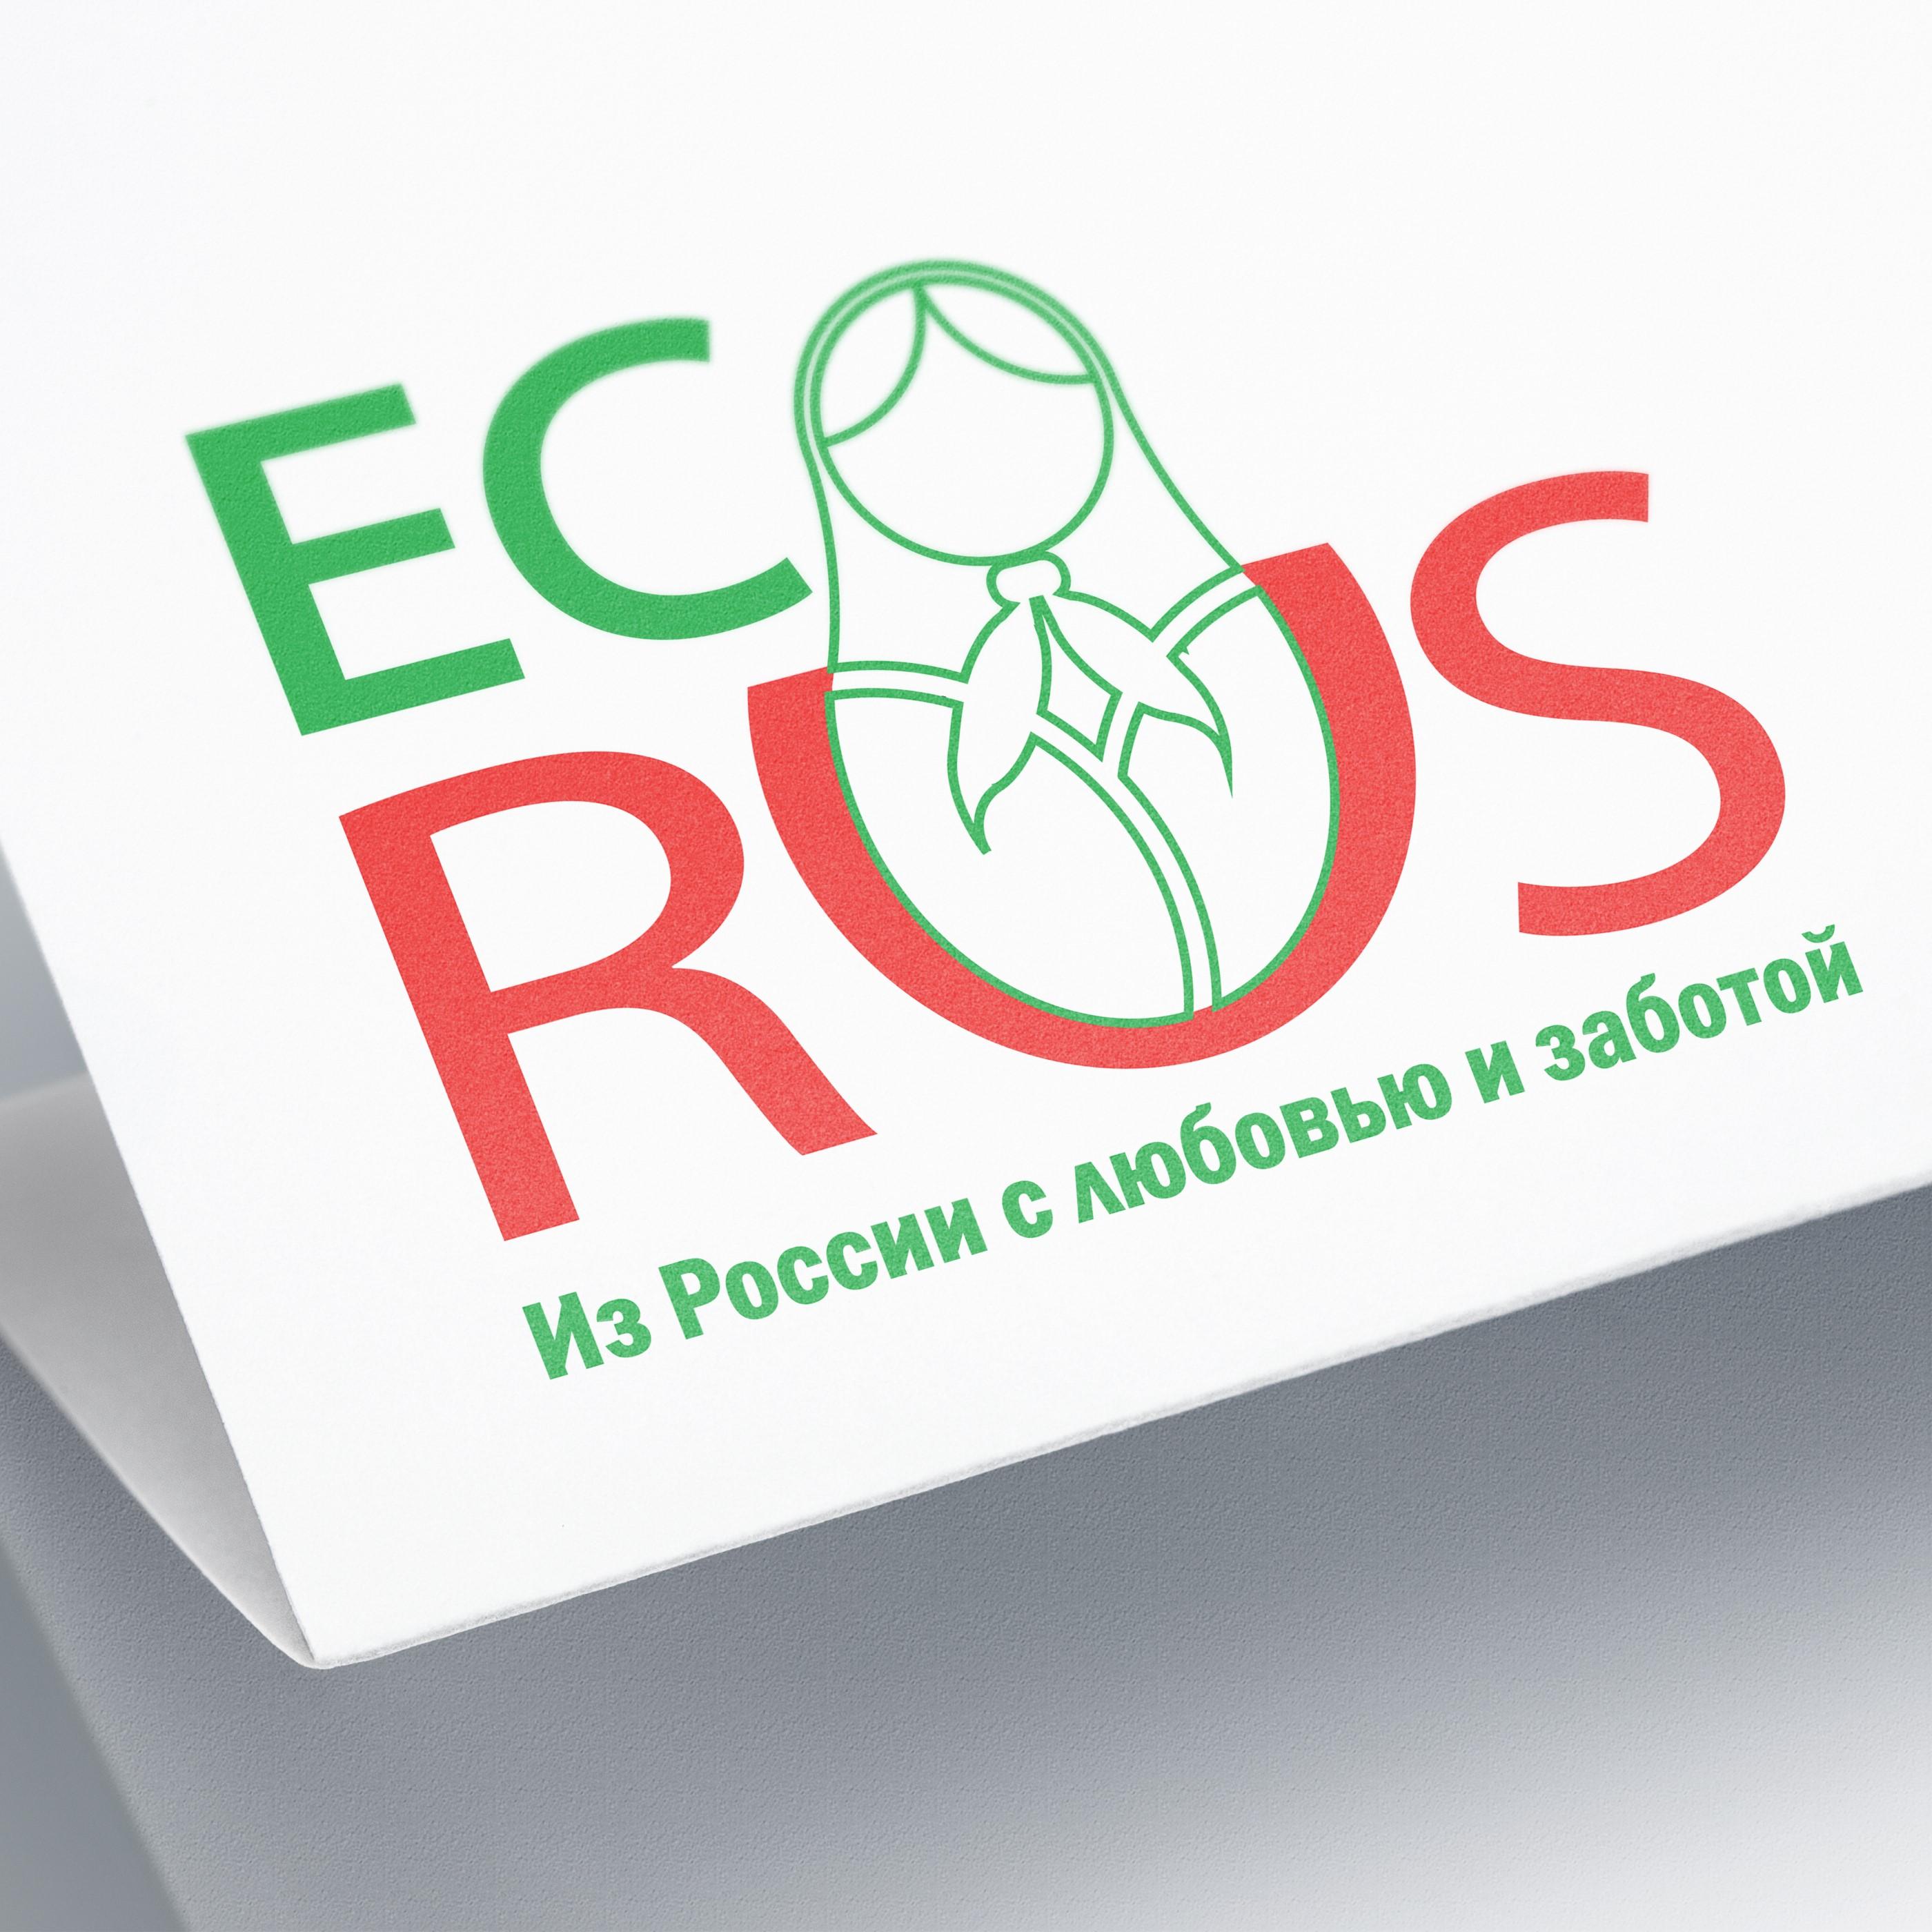 Логотип для поставщика продуктов питания из России в Китай фото f_2055ea9d852df792.jpg